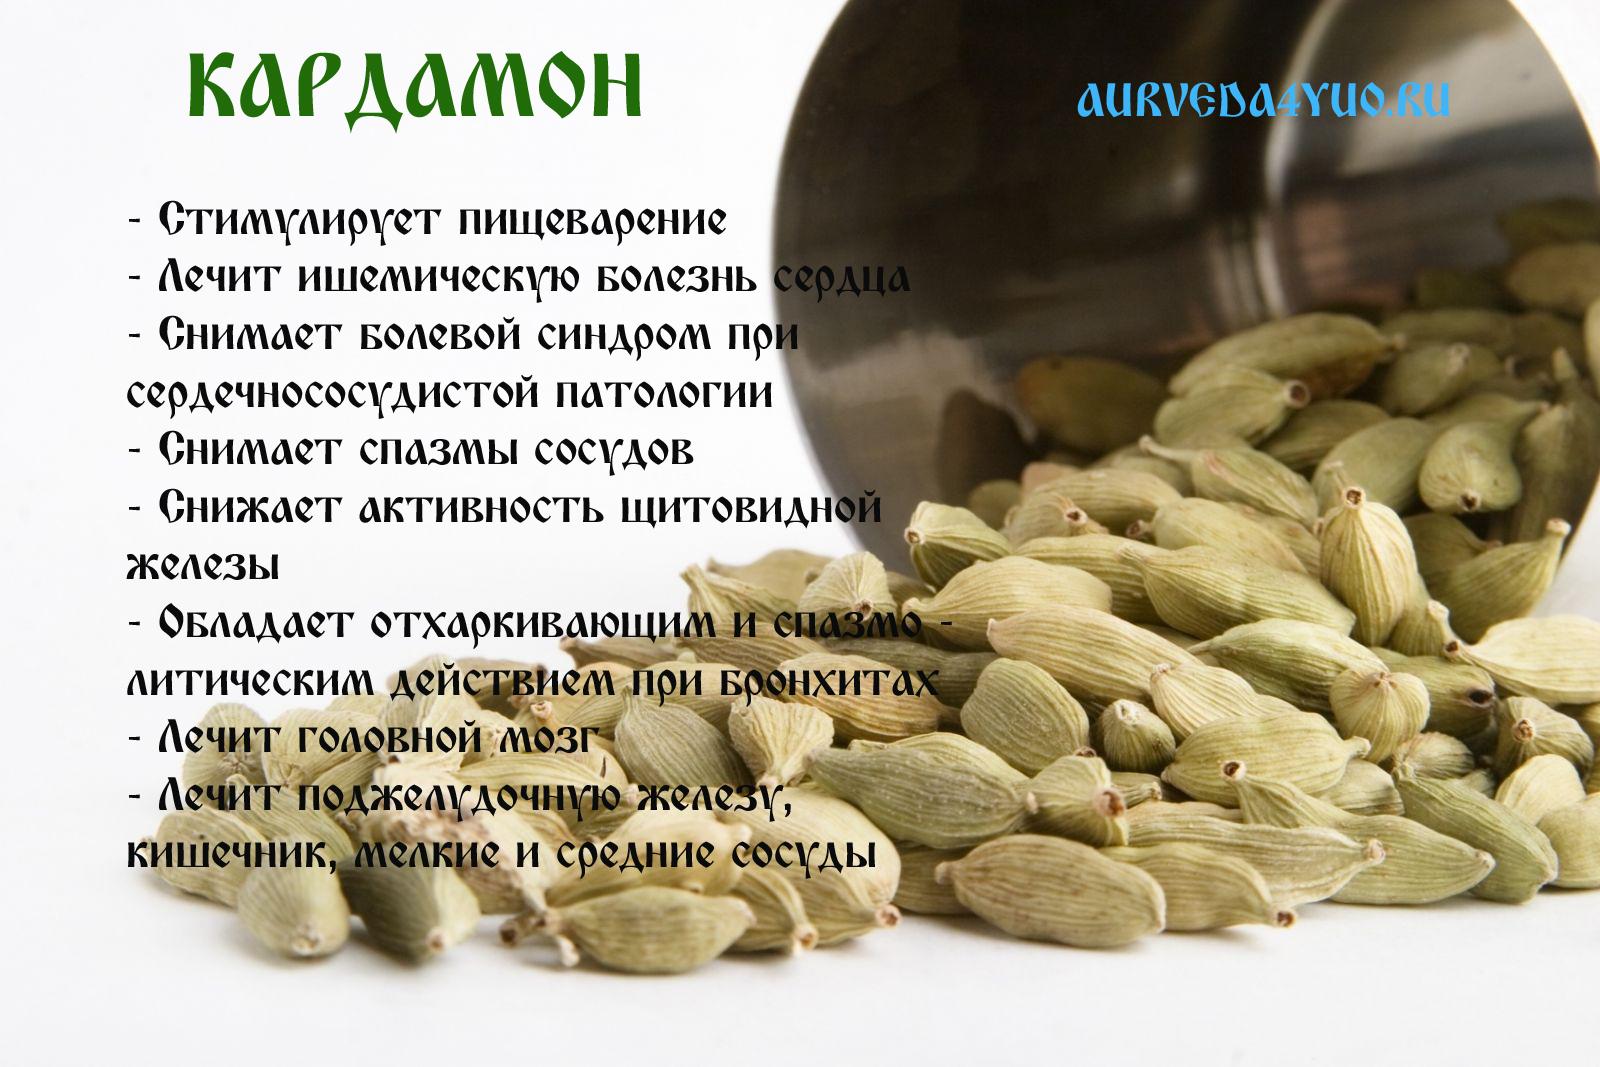 Кофе с кардамоном, полезные свойства, рецепты приготовления: в турке, с корицей.